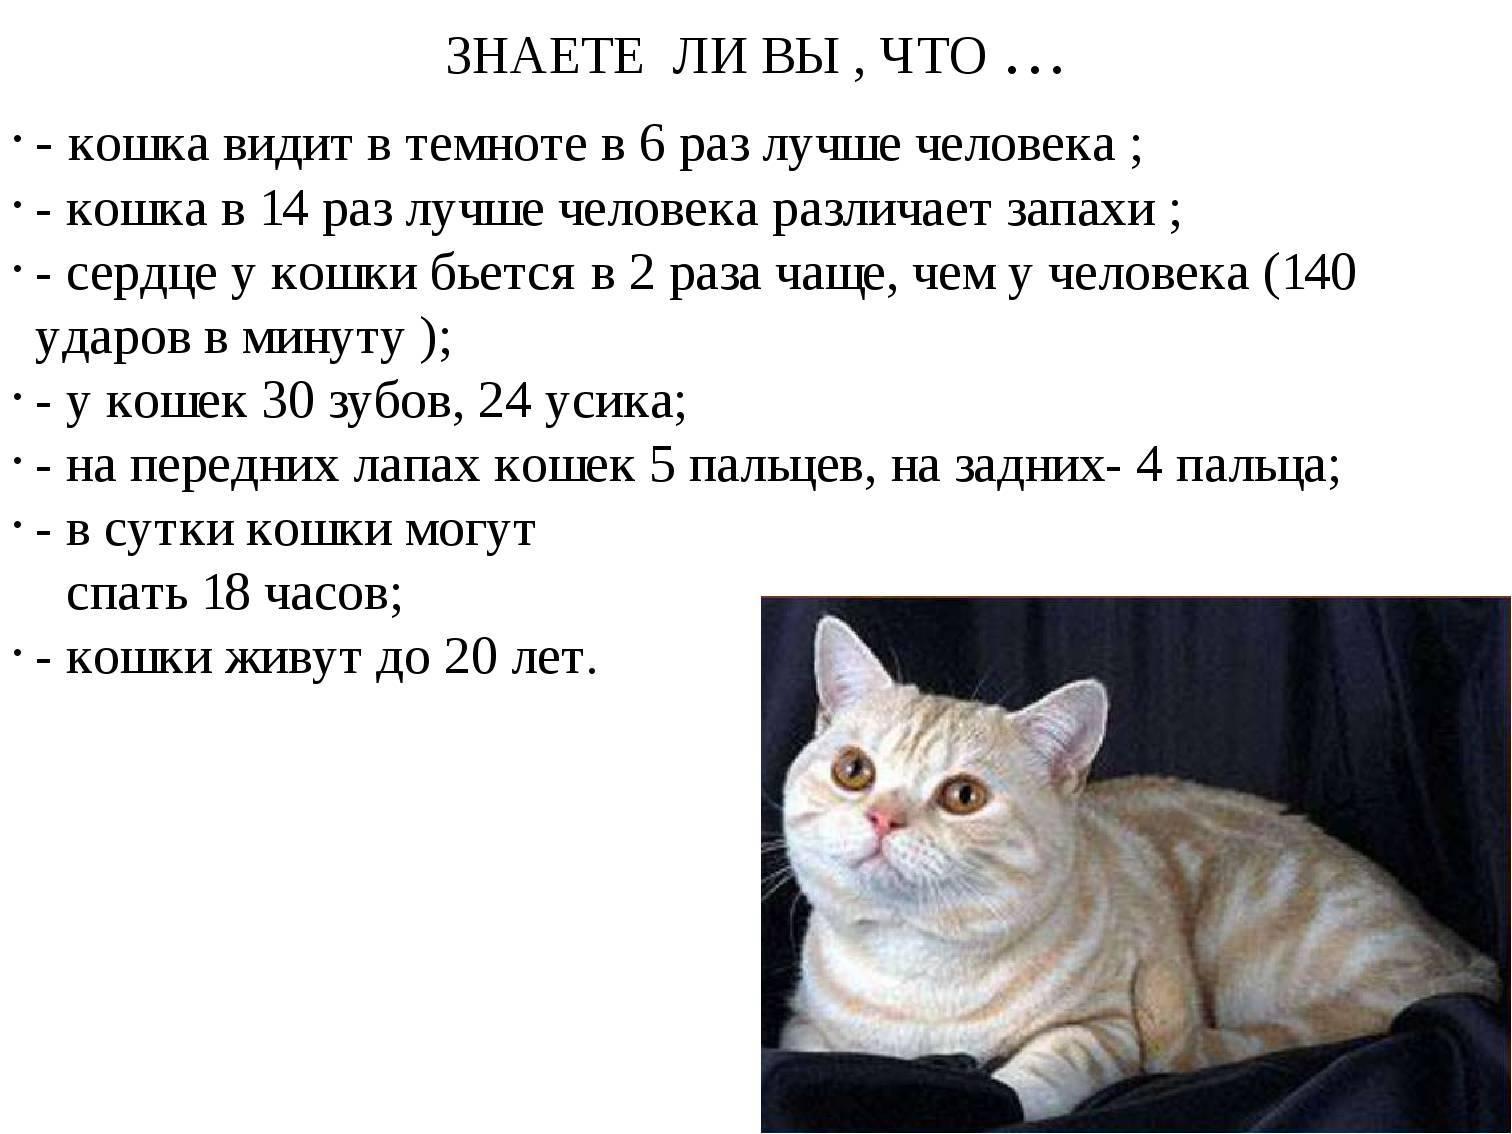 Примета, по которой кошки уходят из дома